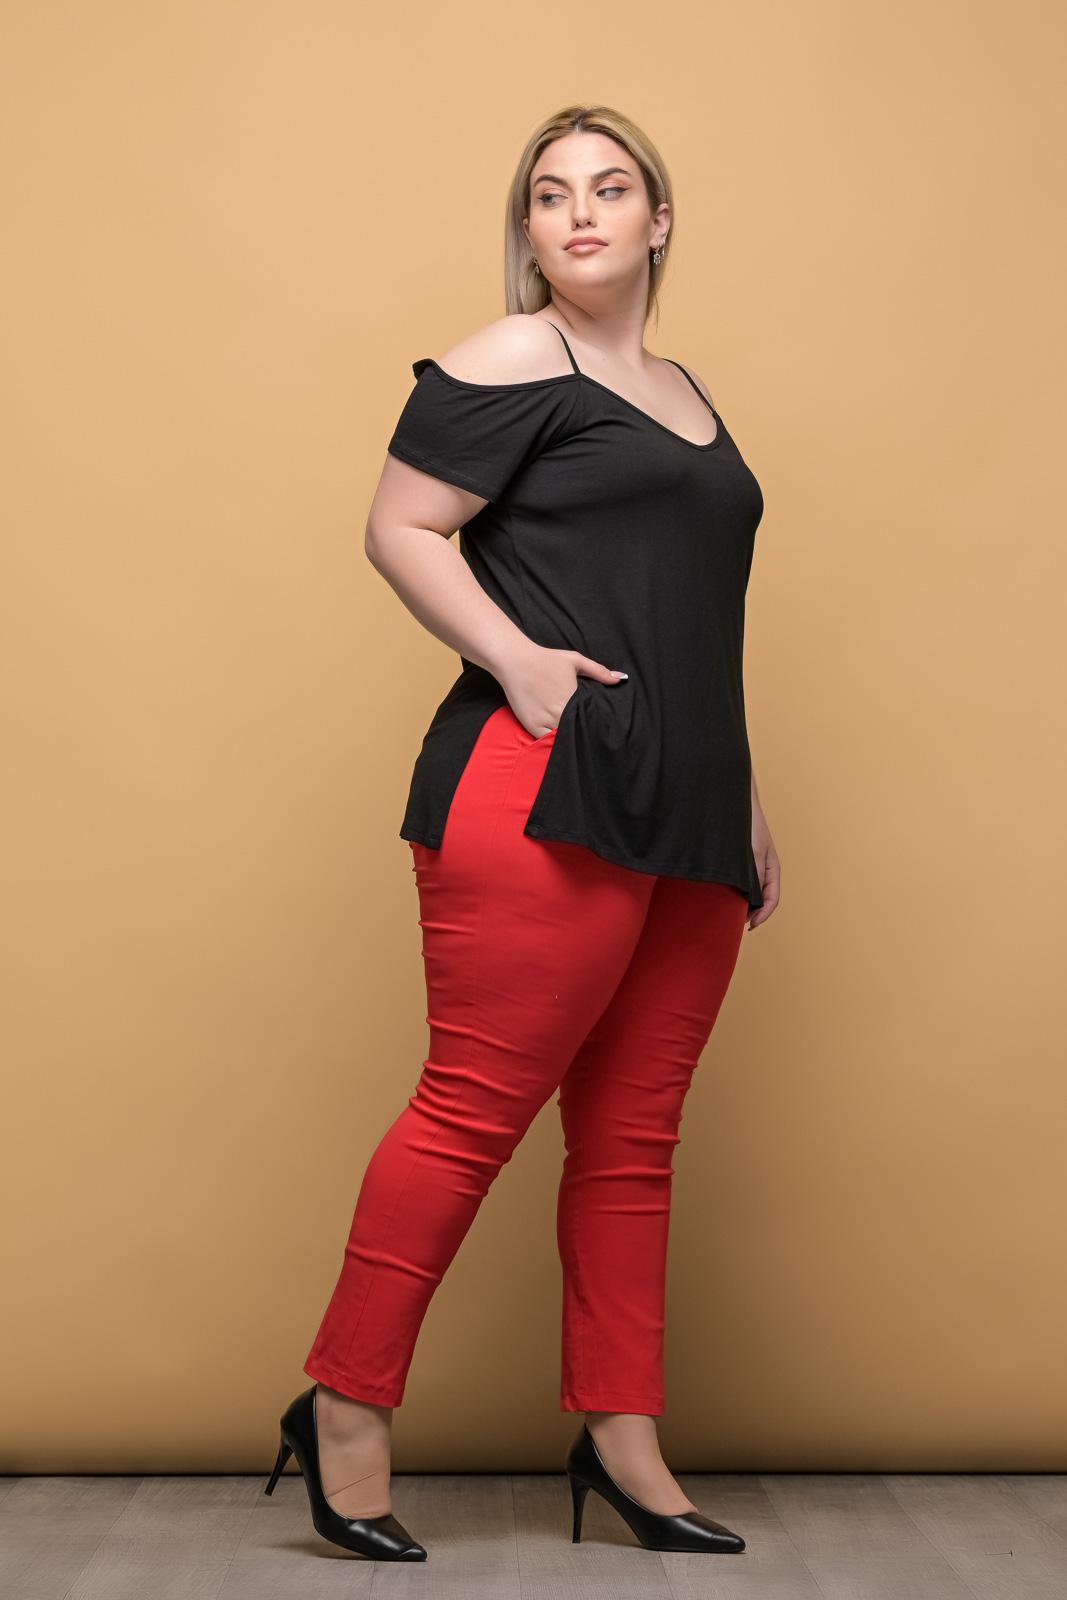 Παντελόνι ελαστική καμπαρντίνα κόκκινη μέχρι τον αστράγαλο